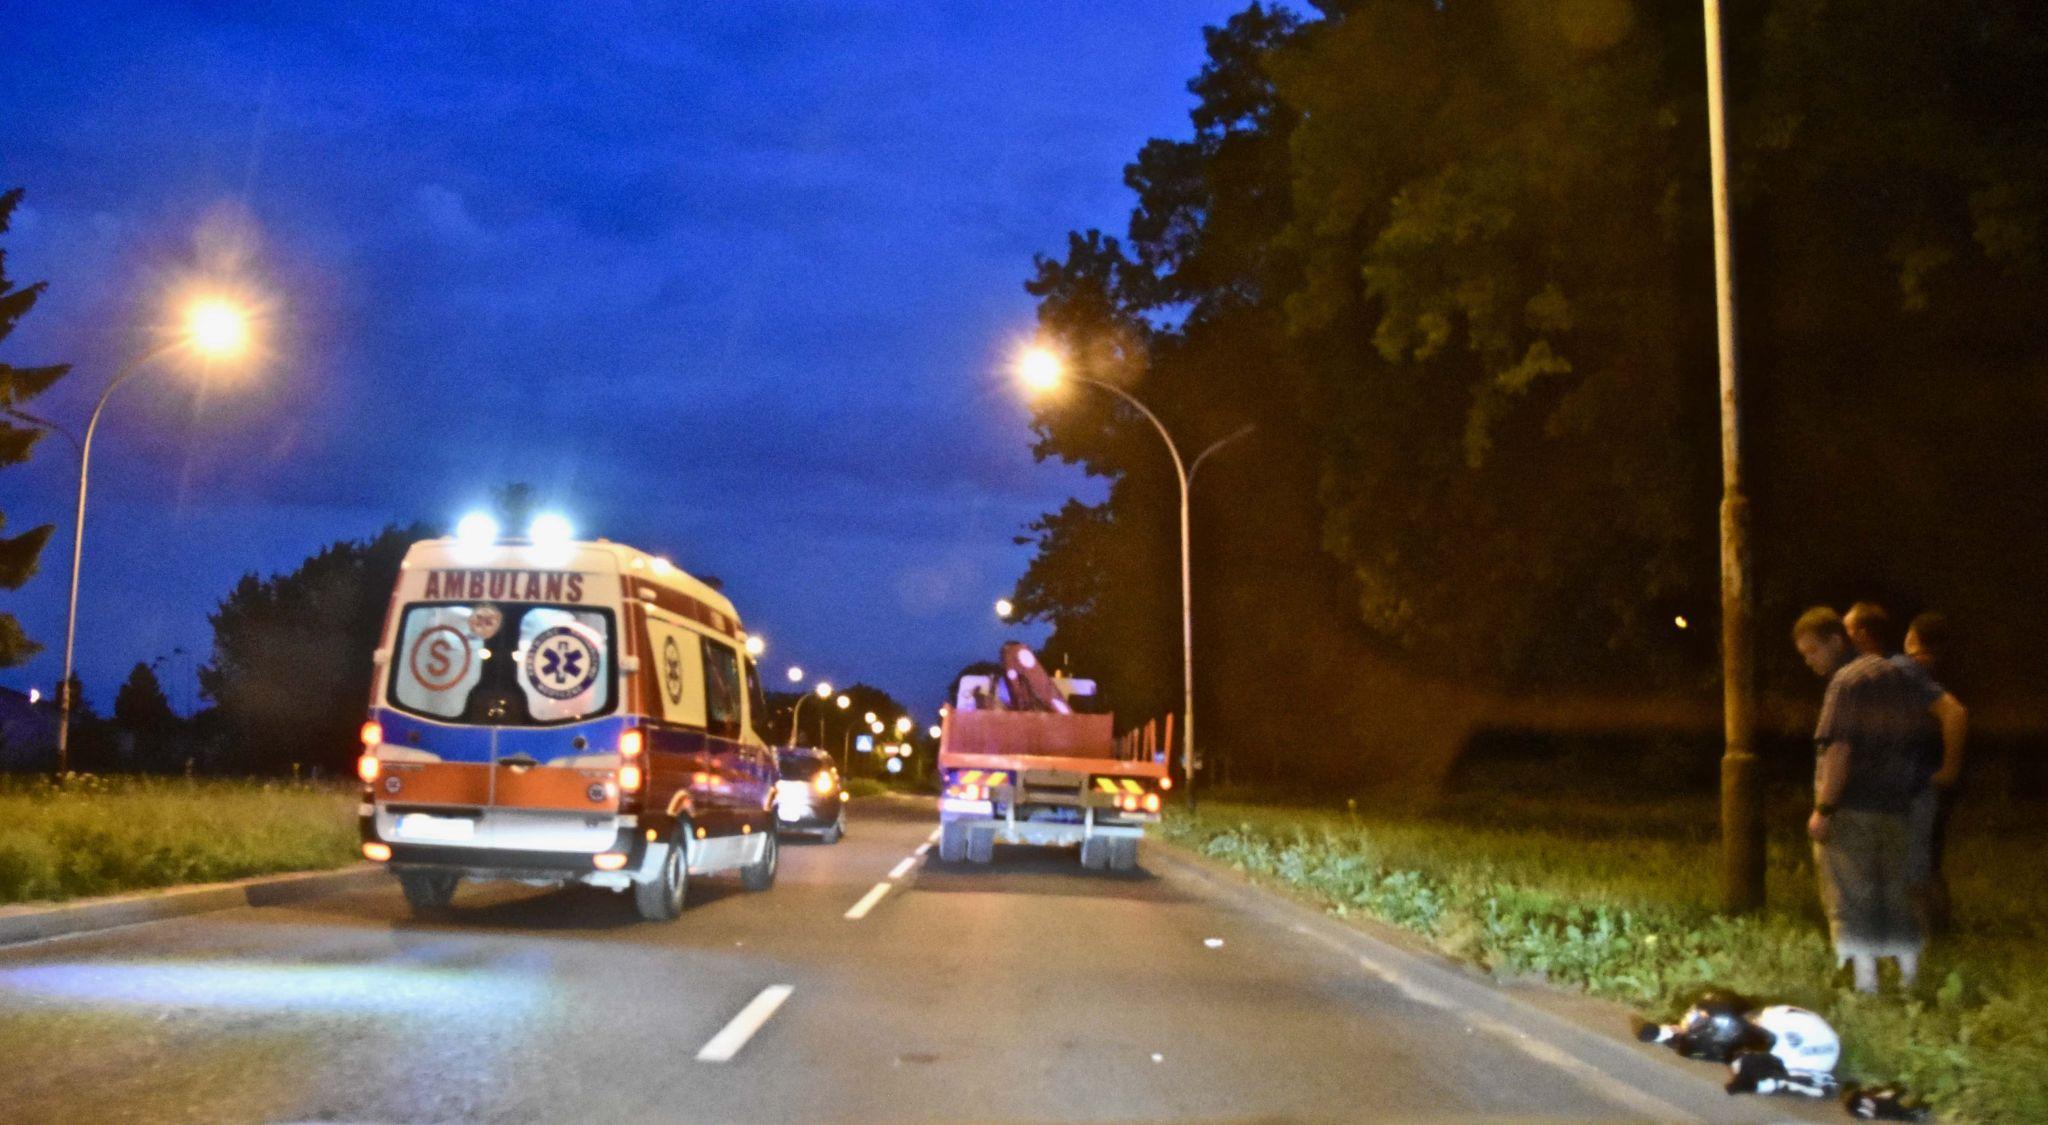 dsc 8889 Zamość: Wypadek motocykla. 19-letnia pasażerka jednośladu trafiła do szpitala (zdjęcia)